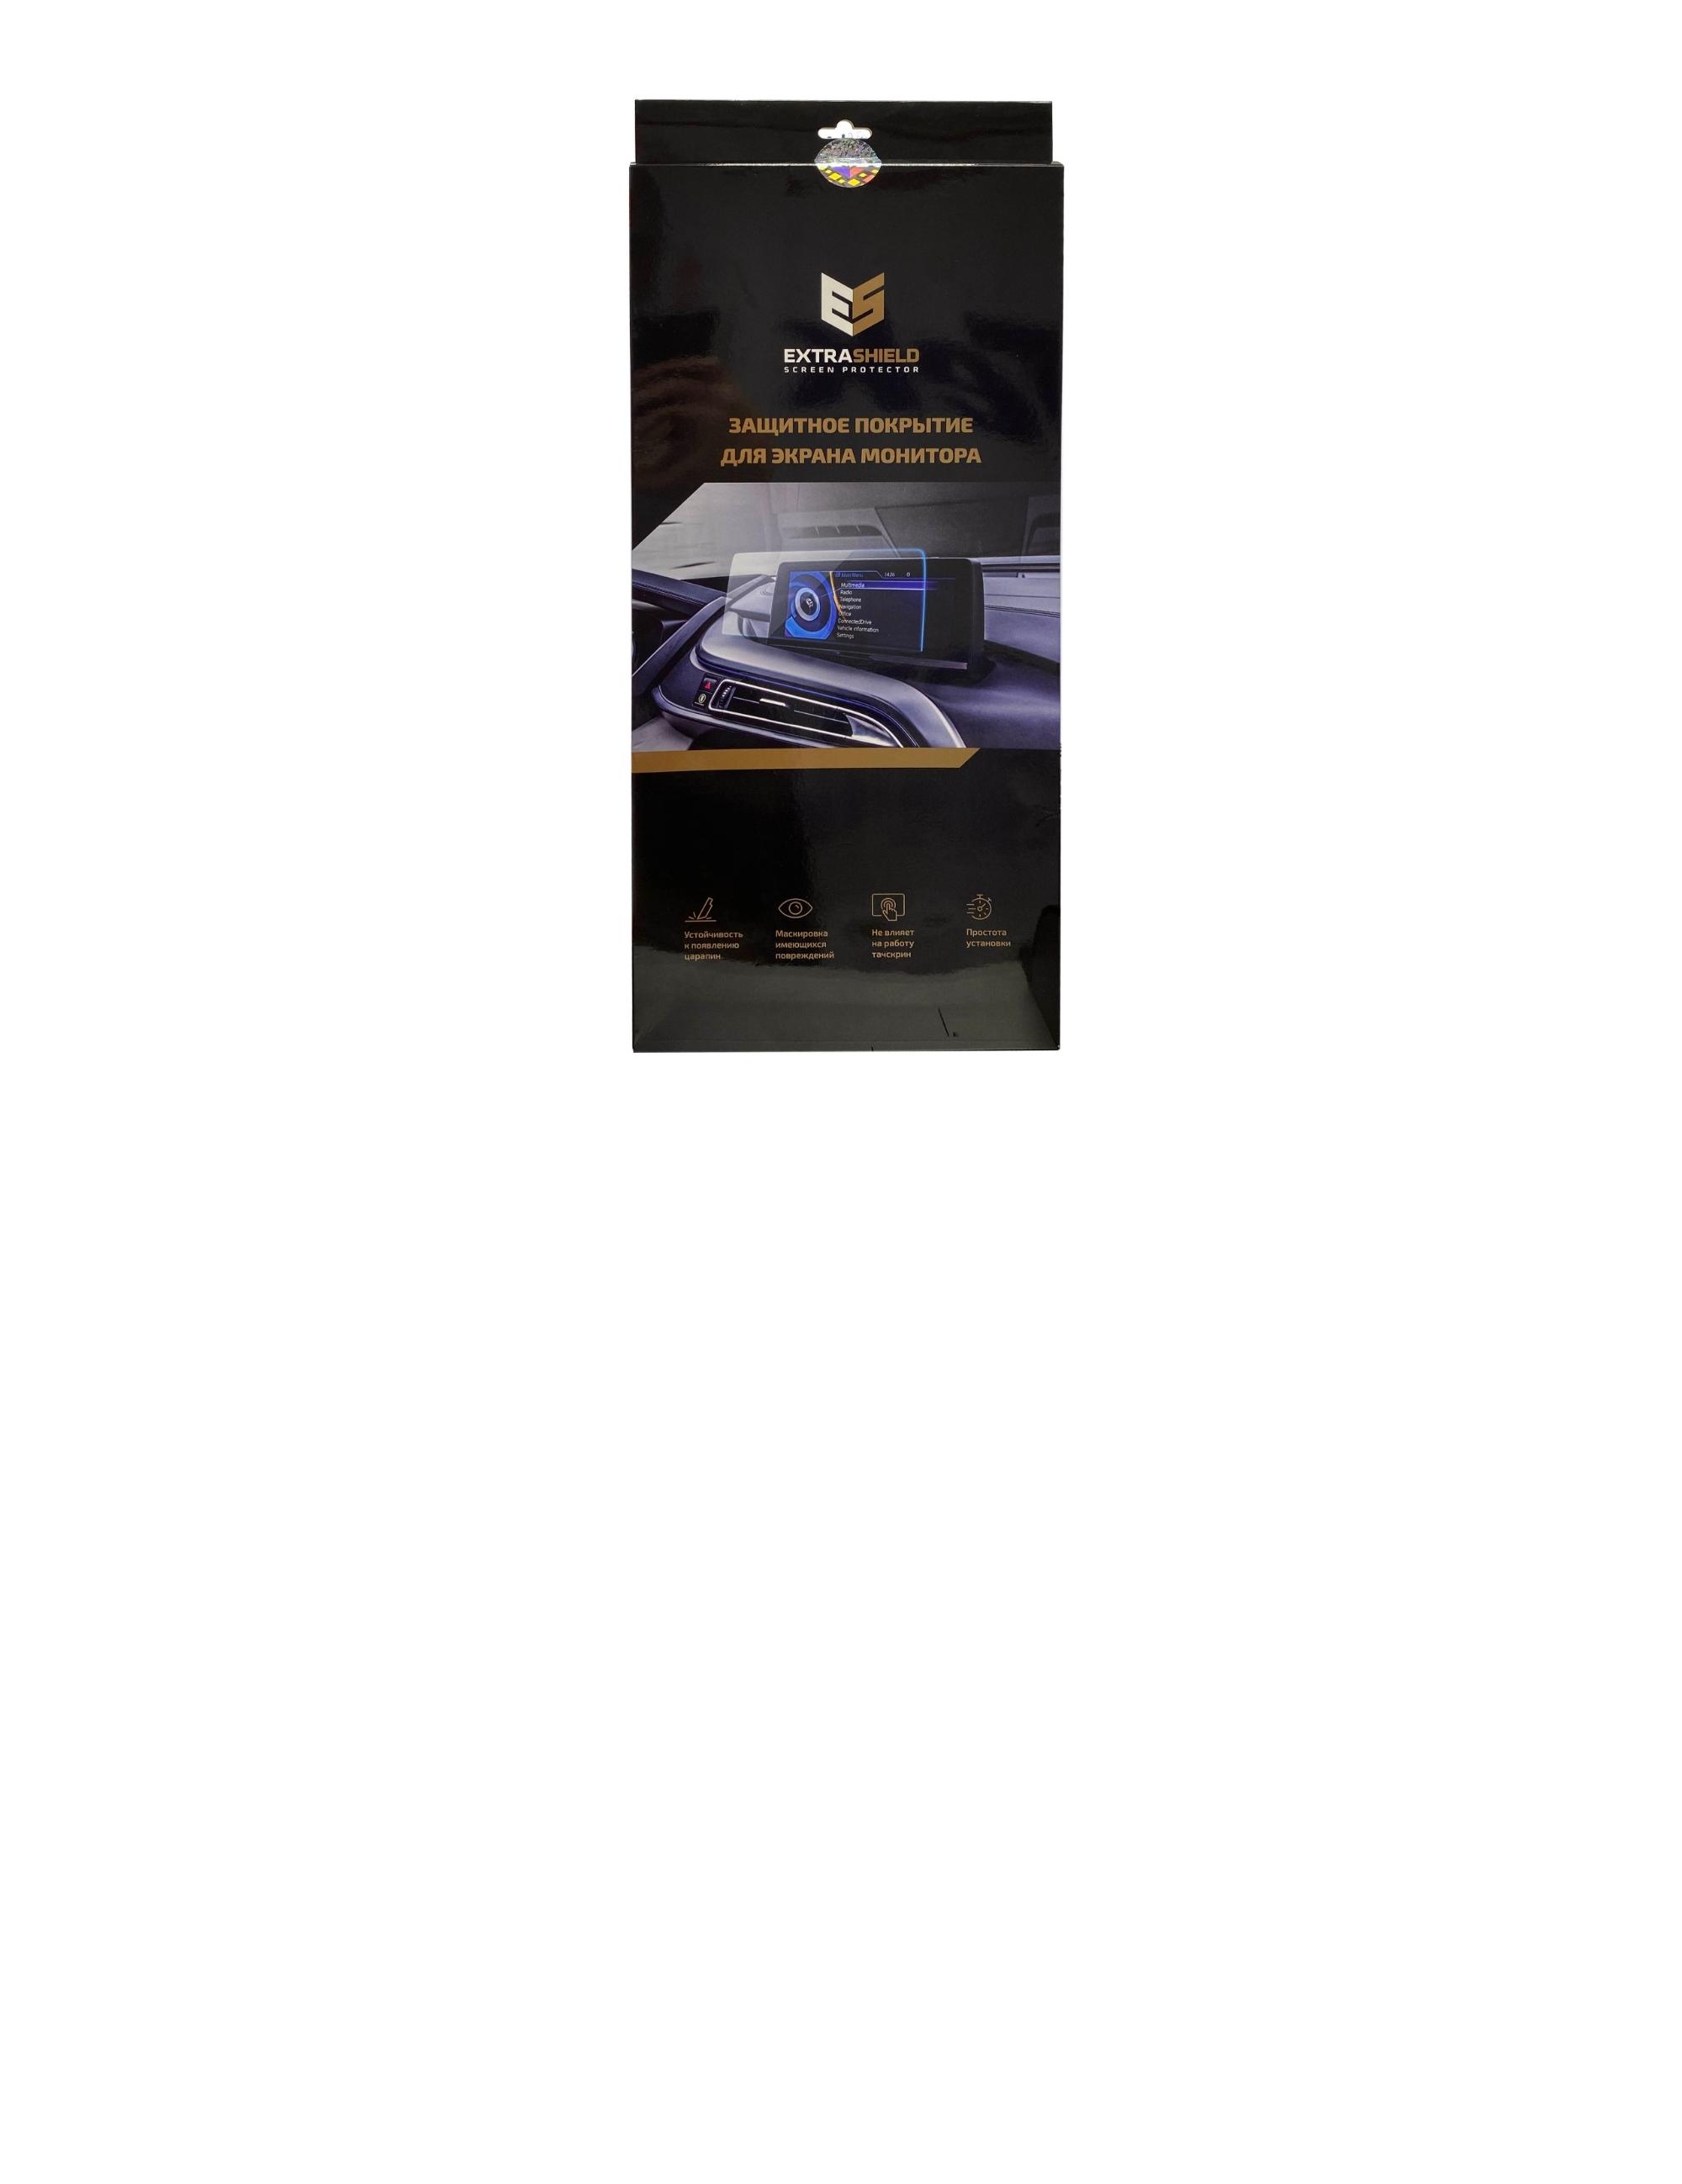 Mercedes-Benz CLS-(W257) 2017 - н.в. приборная панель+мультимедиа 12,3 Защитное стекло Матовая